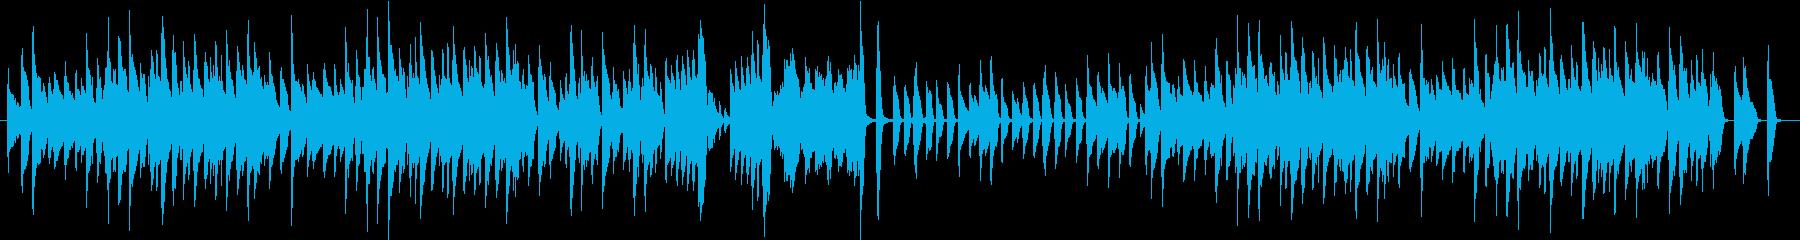 ちょっとノスタルジックなピアノ曲の再生済みの波形